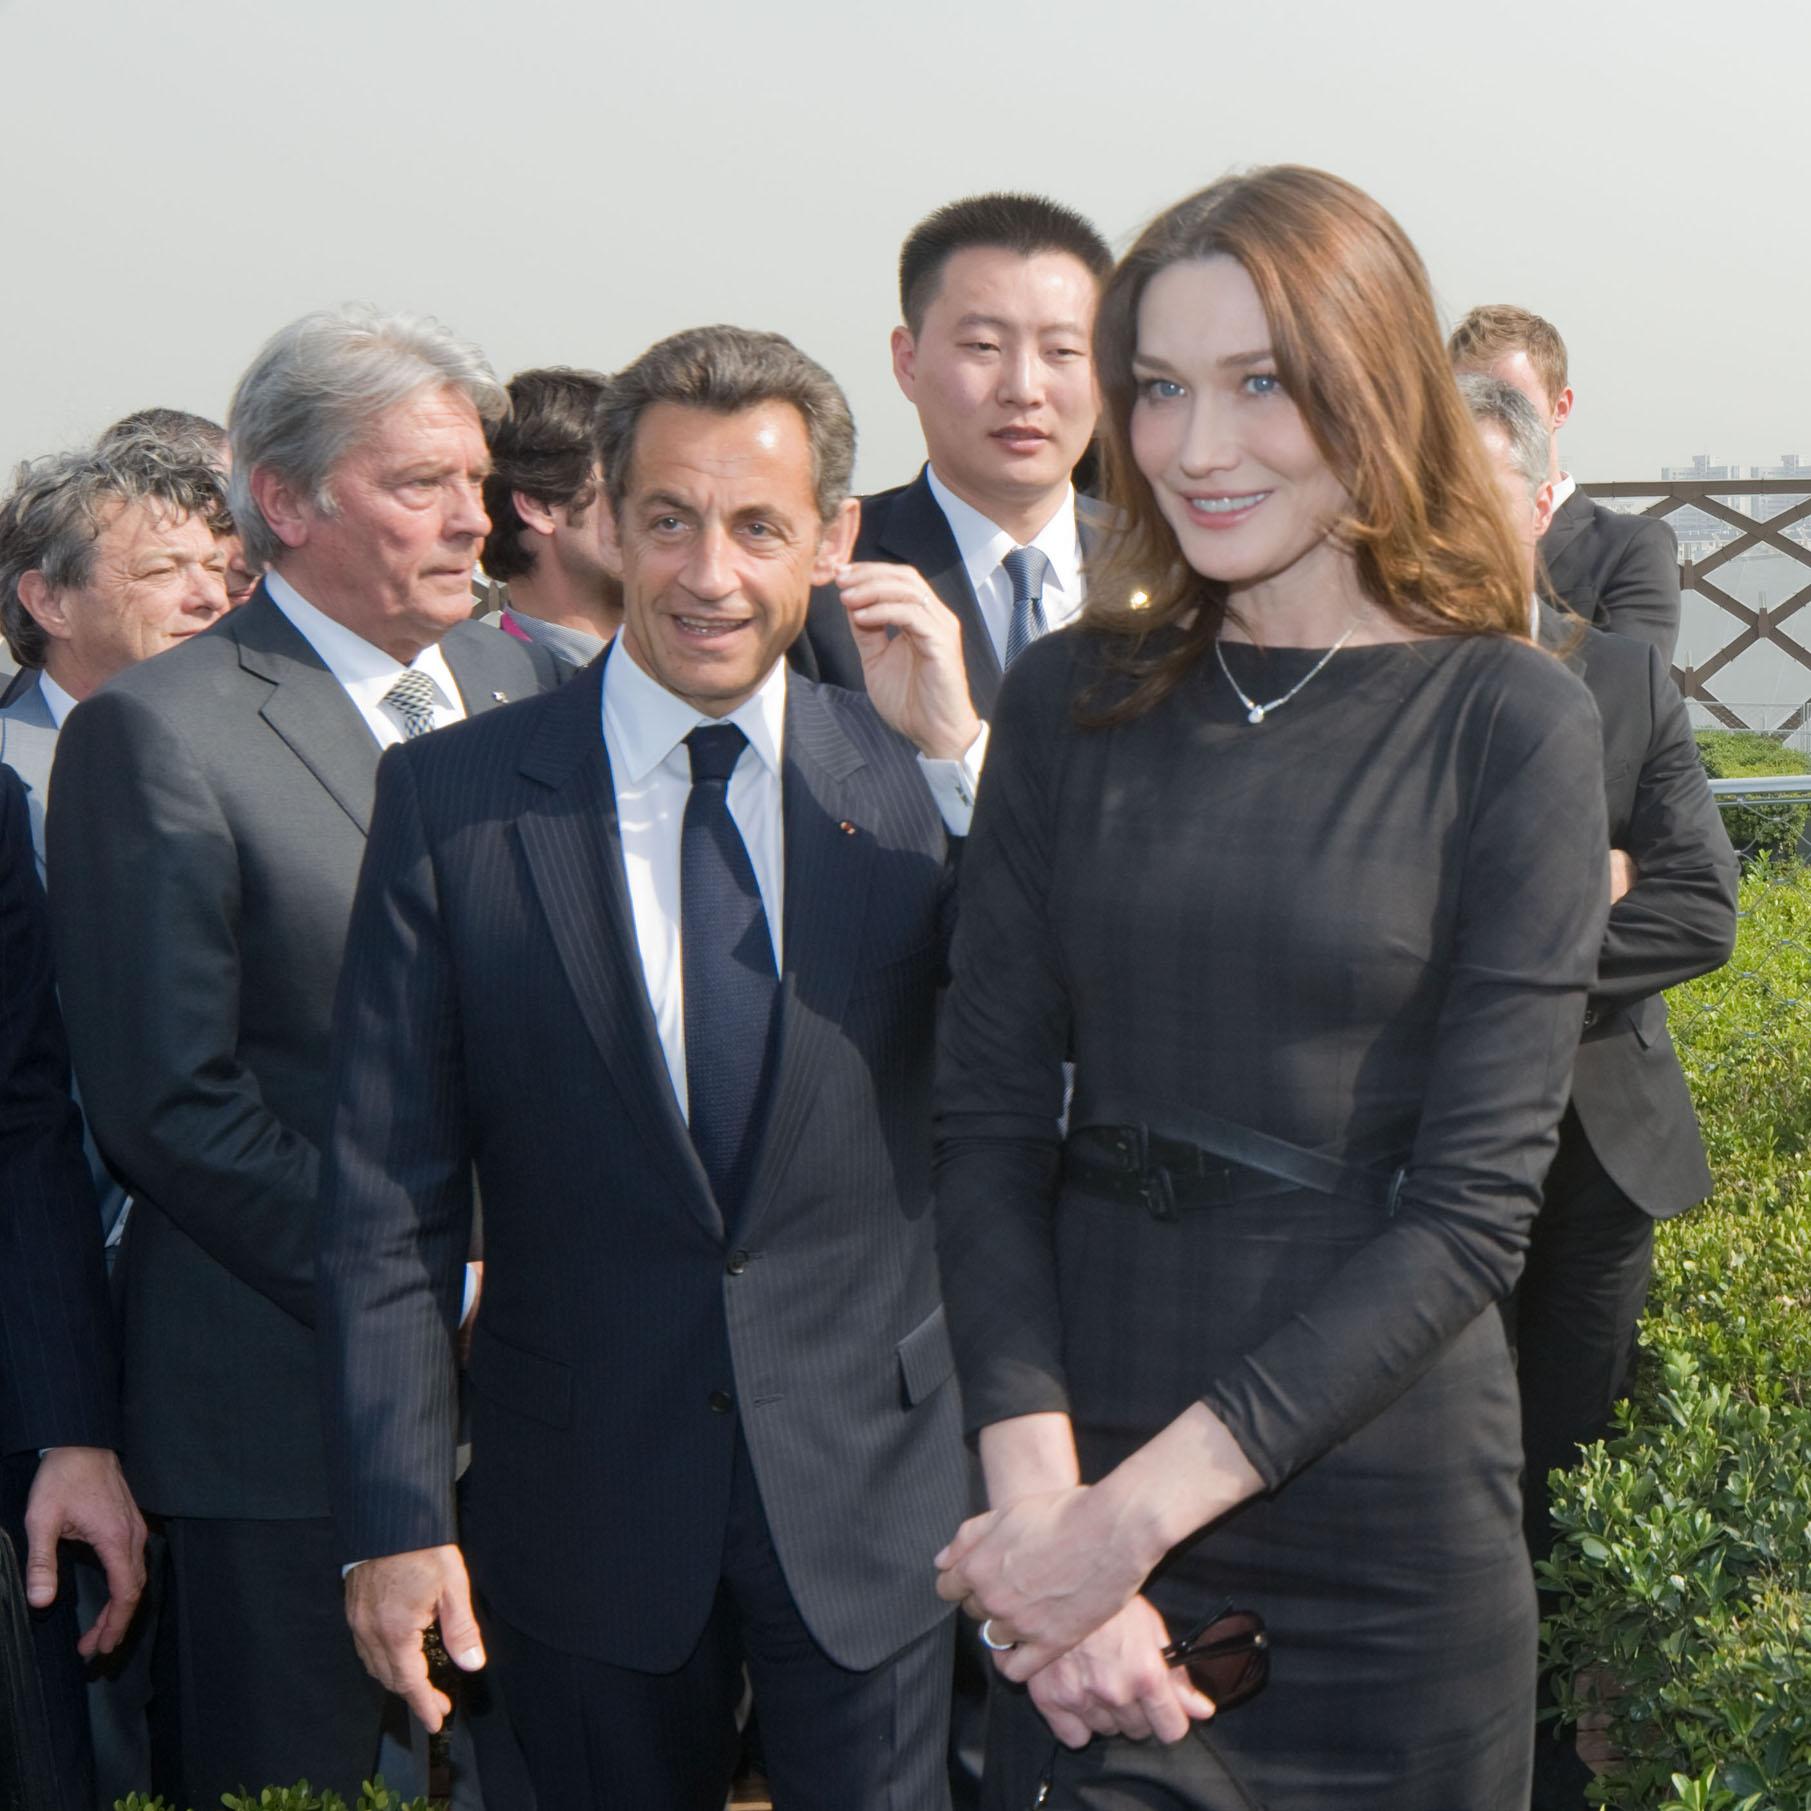 President Sarkozy and  Carla Bruni-Sarkozy